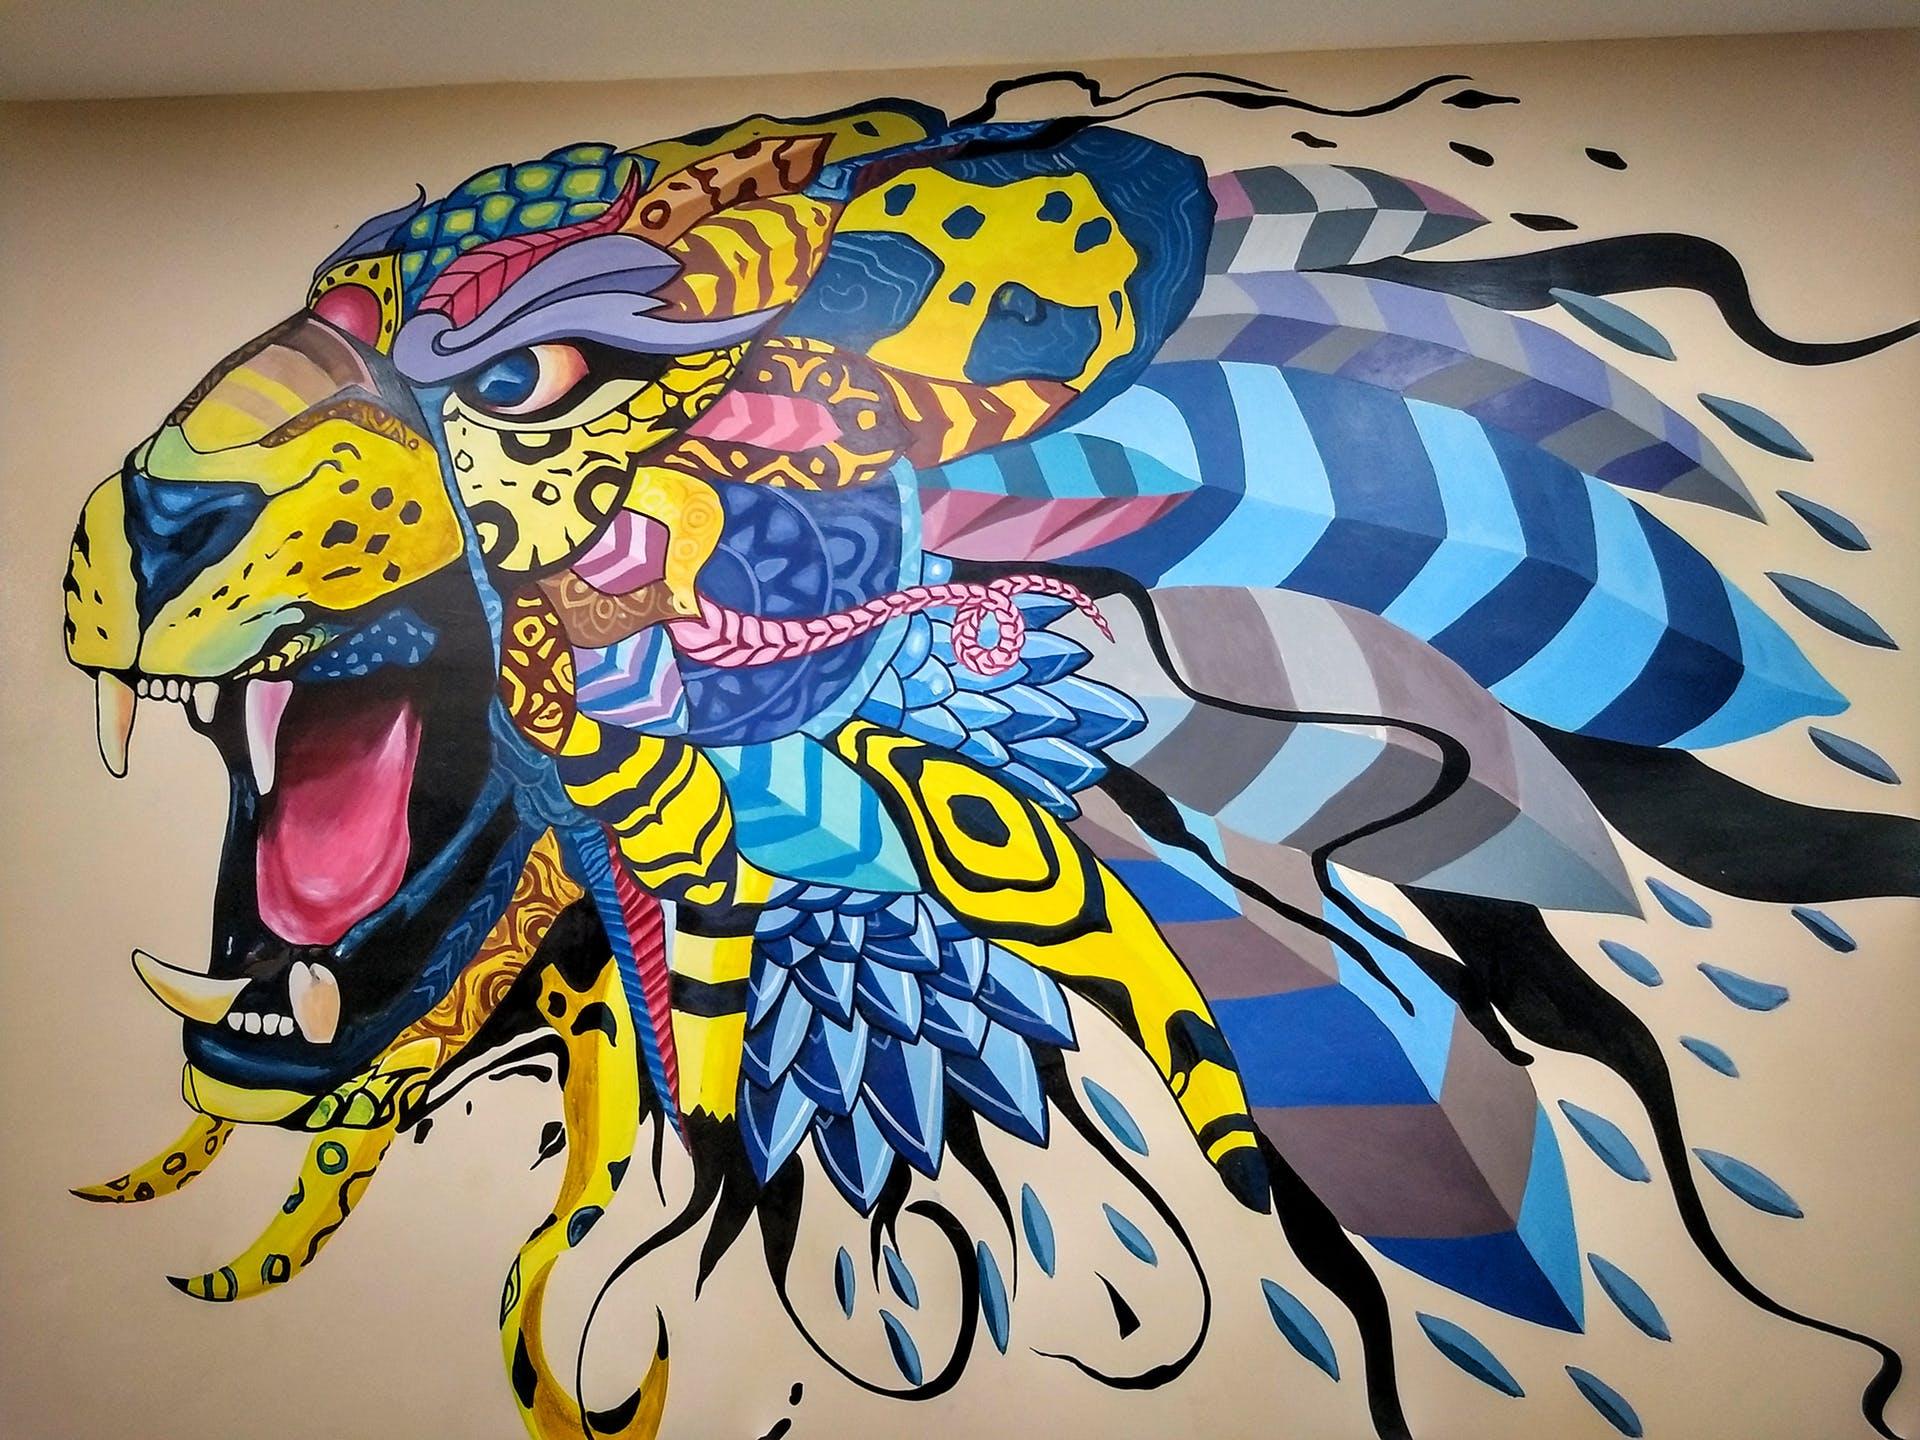 wall art background art